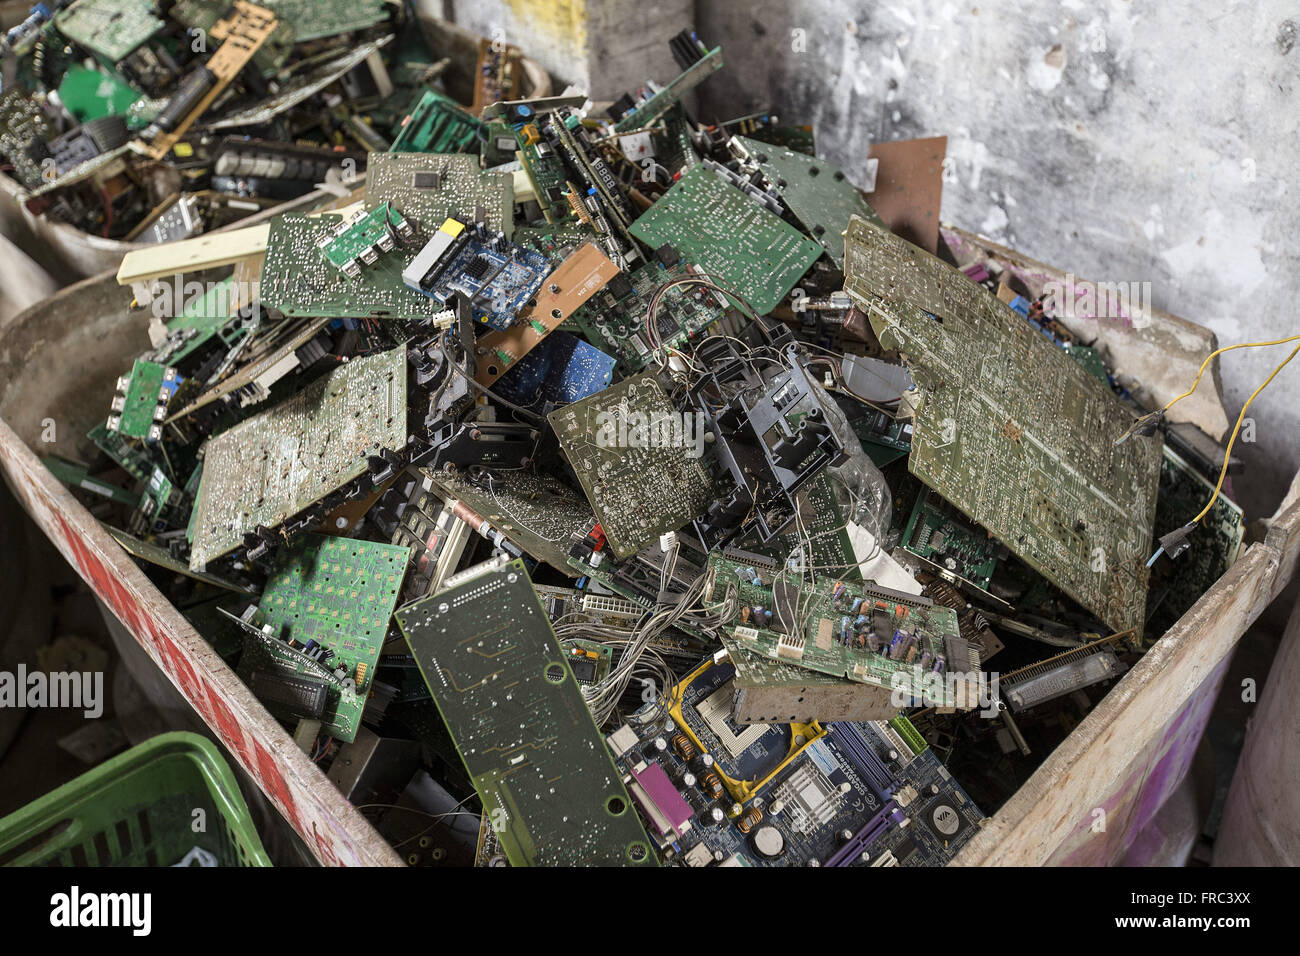 Ong organizzazione non governativa che è la raccolta e il riciclaggio dei rifiuti elettronici Immagini Stock